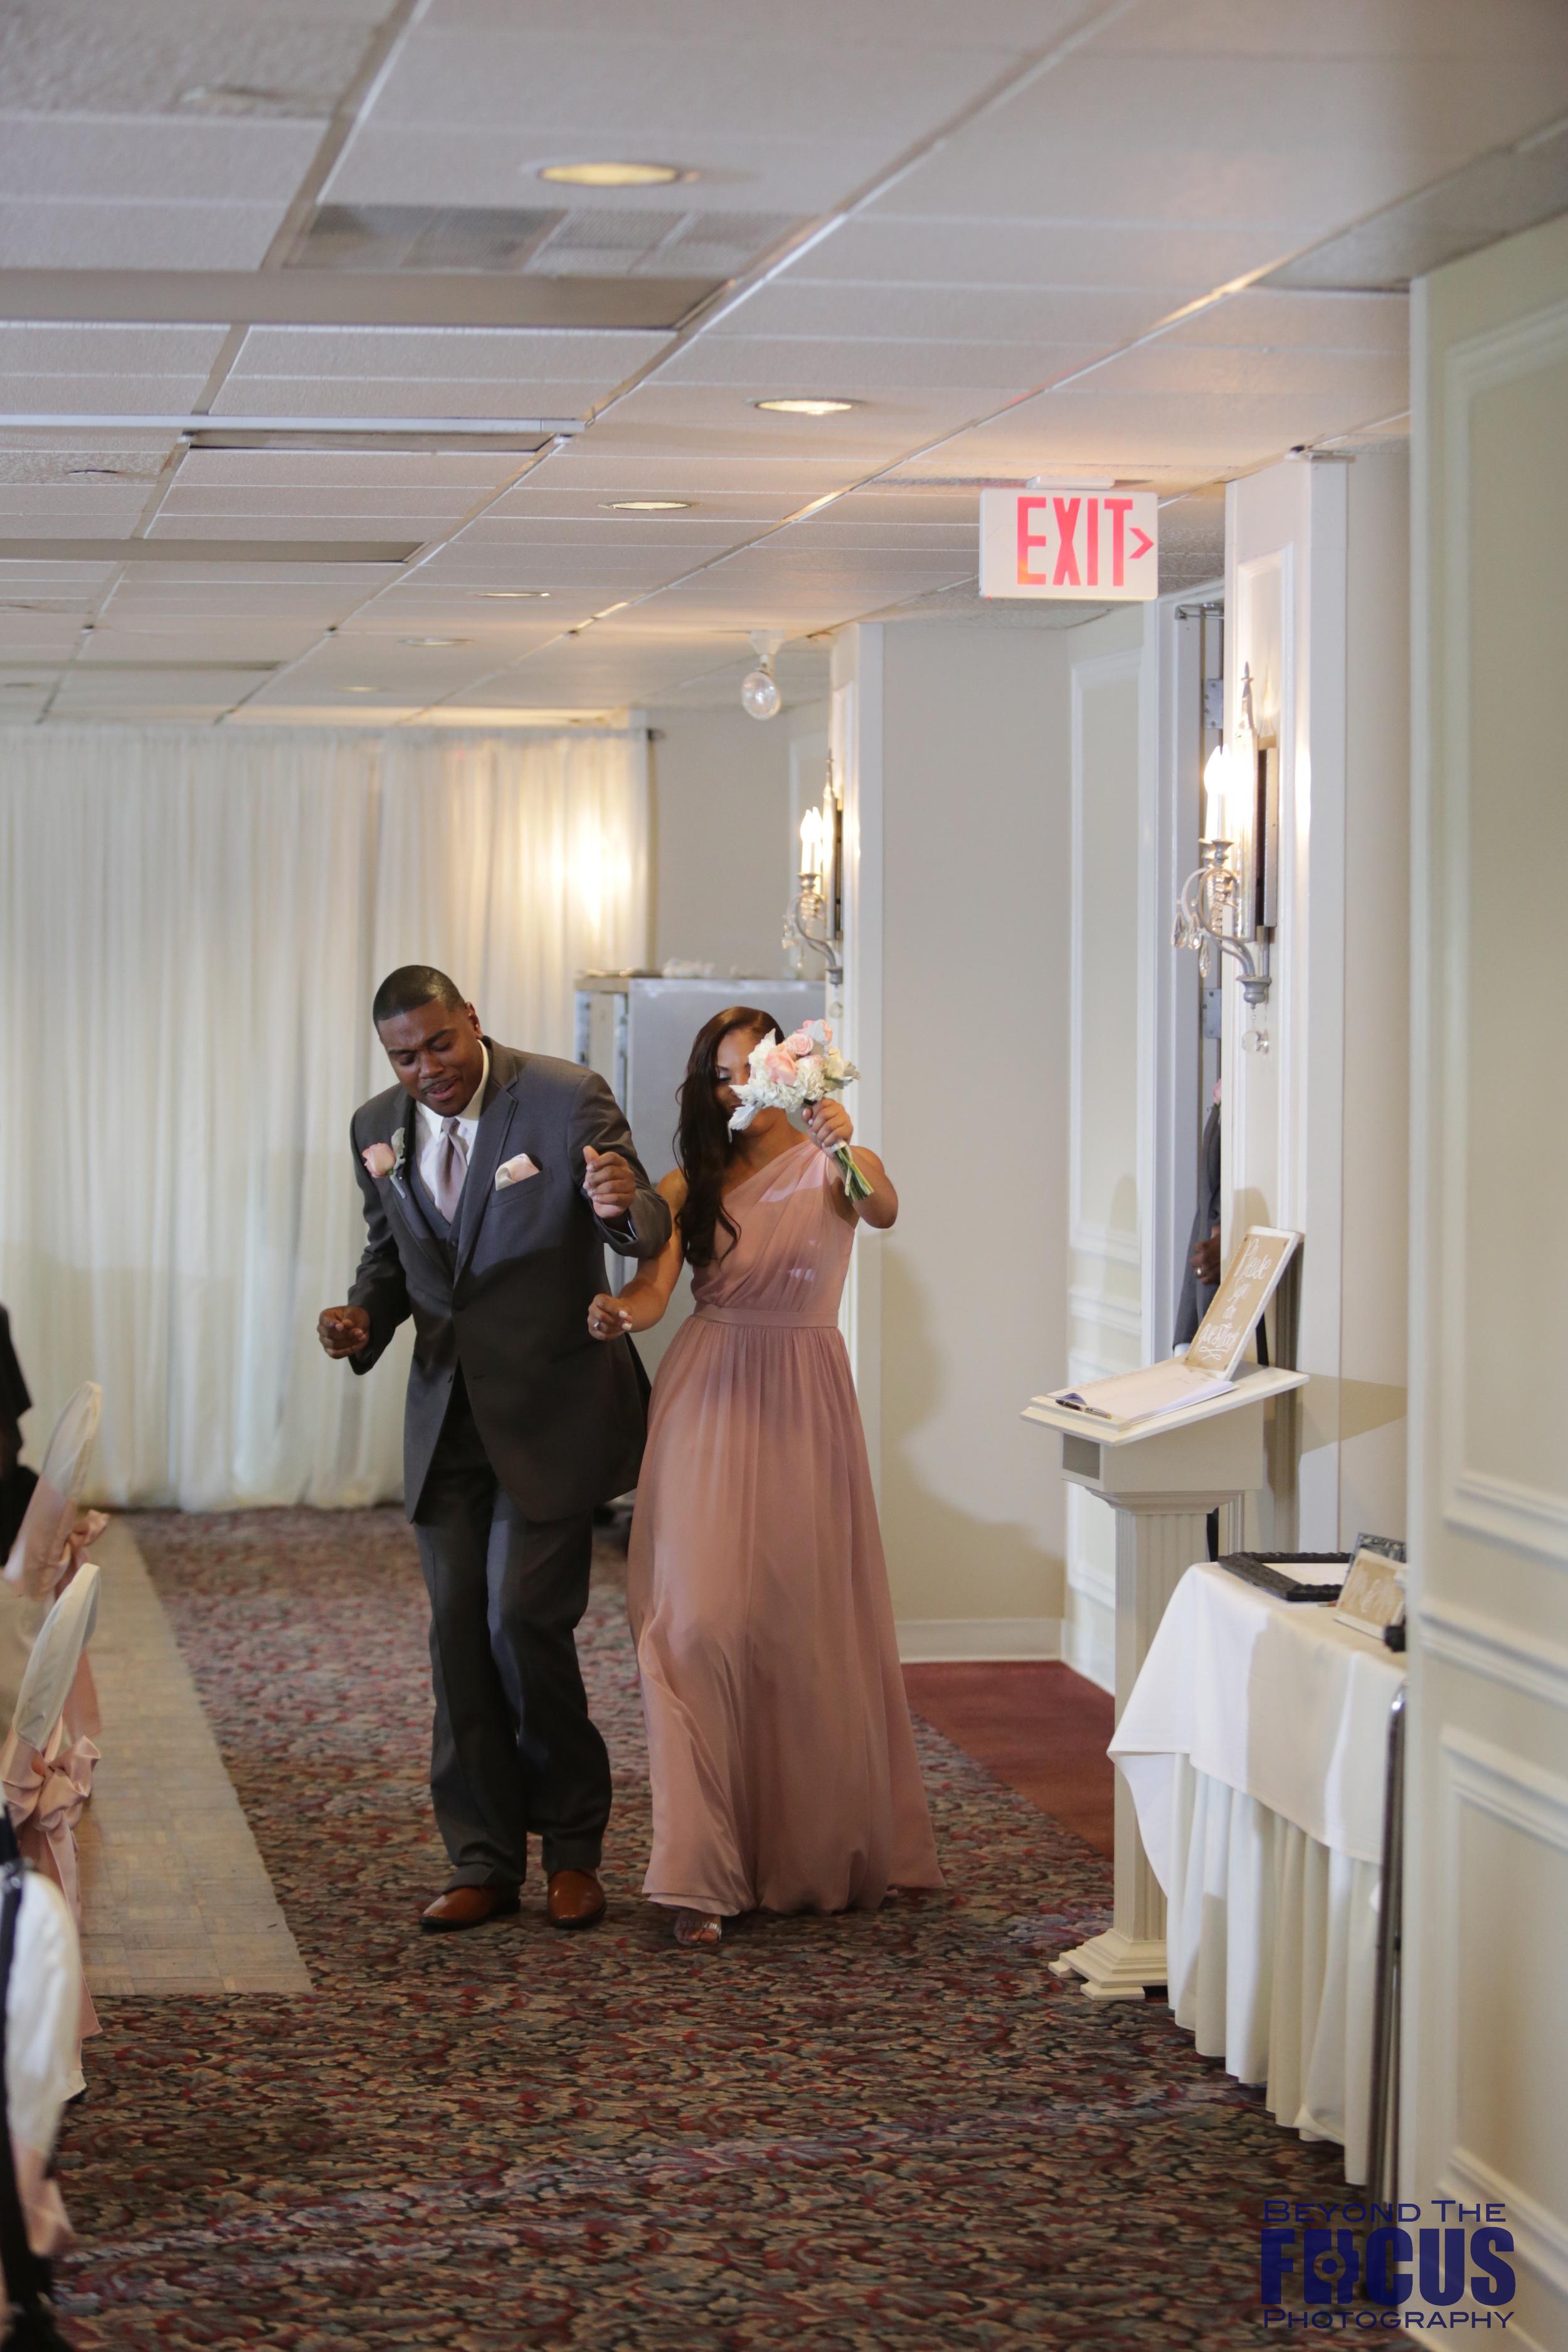 Palmer Wedding - Wedding Reception39.jpg